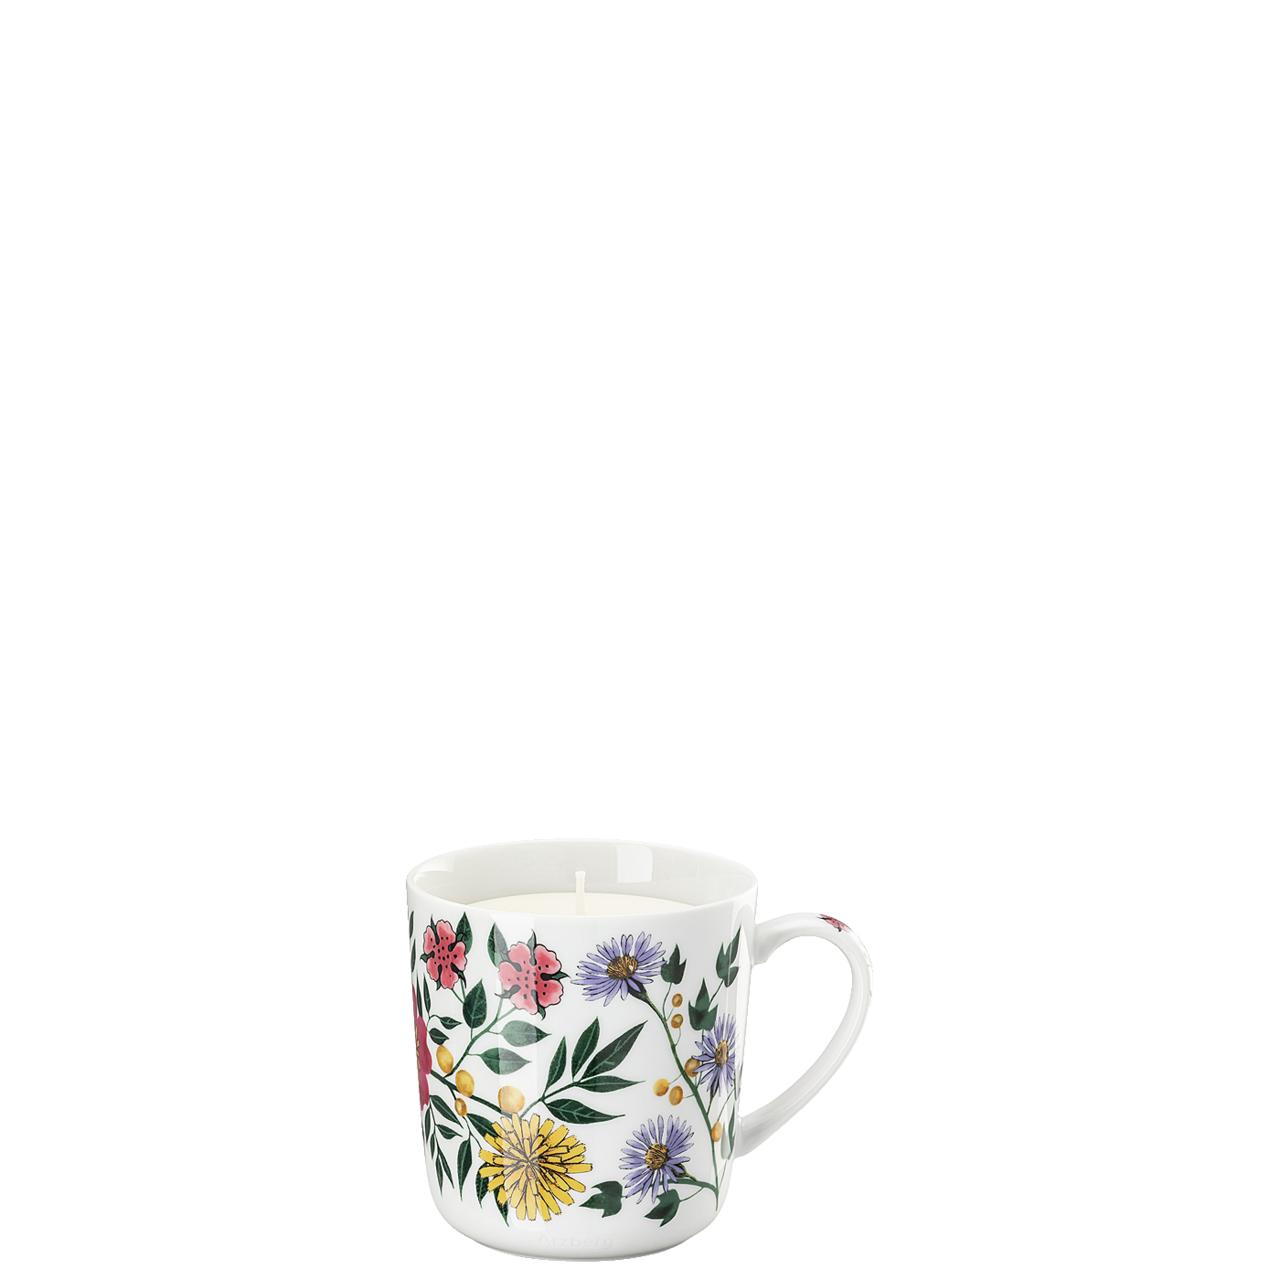 Tischlicht mit Wachs Magic Garden Blossom Rosenthal